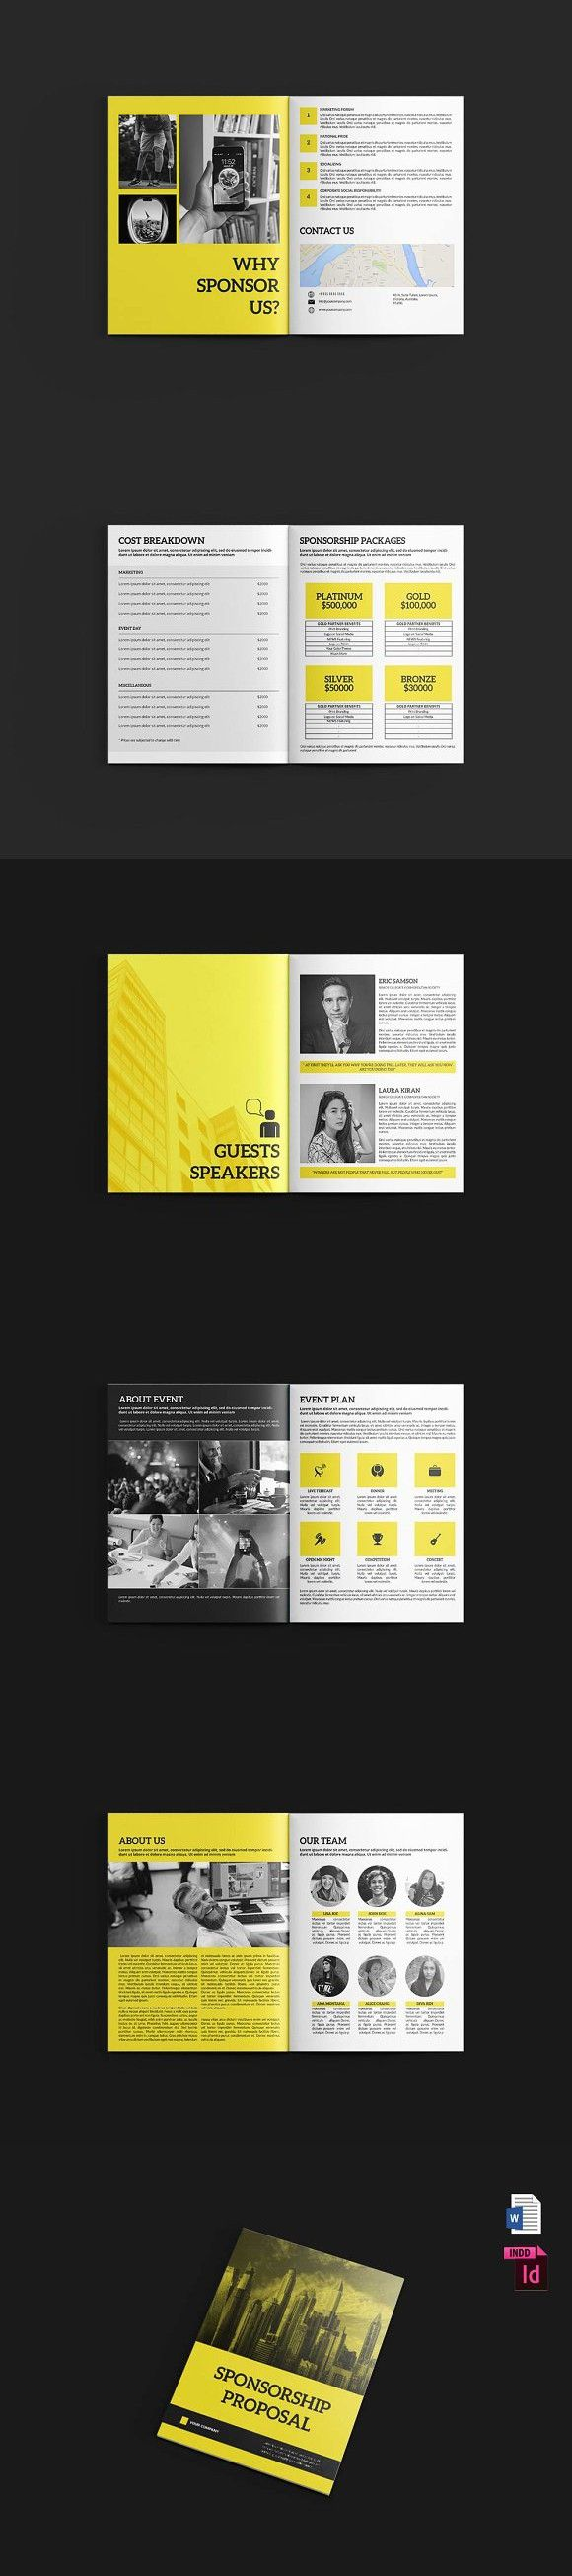 event sponsor proposal%0A Sponsorship Proposal v   MS Word   Marketing